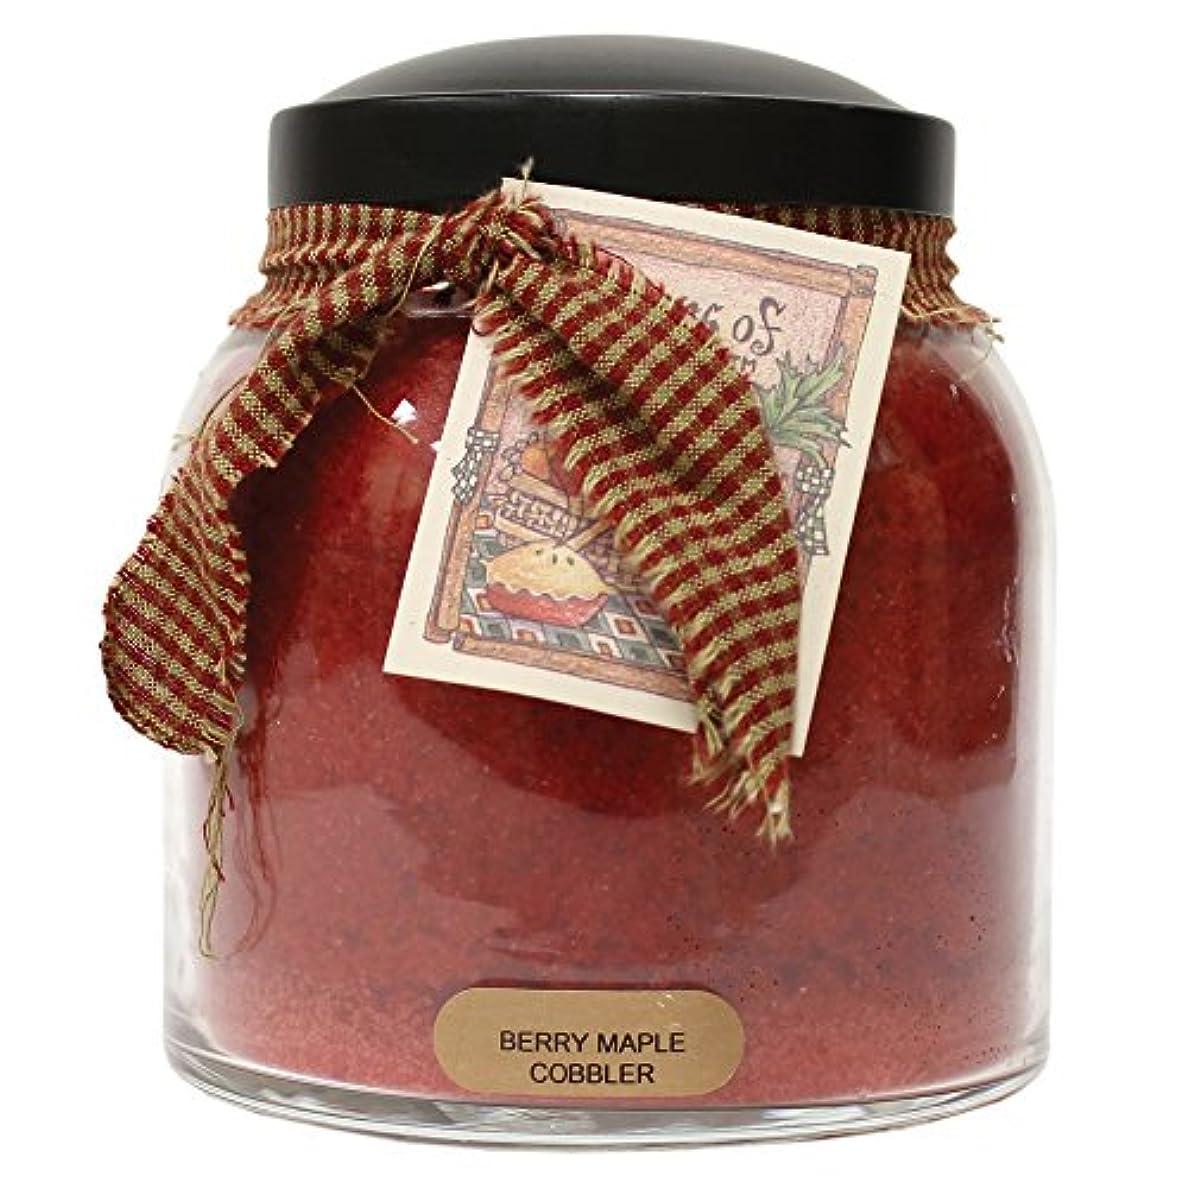 勃起公園テレマコスA Cheerful Giver A Berry メープルコブラー パパジャーキャンドル レッド